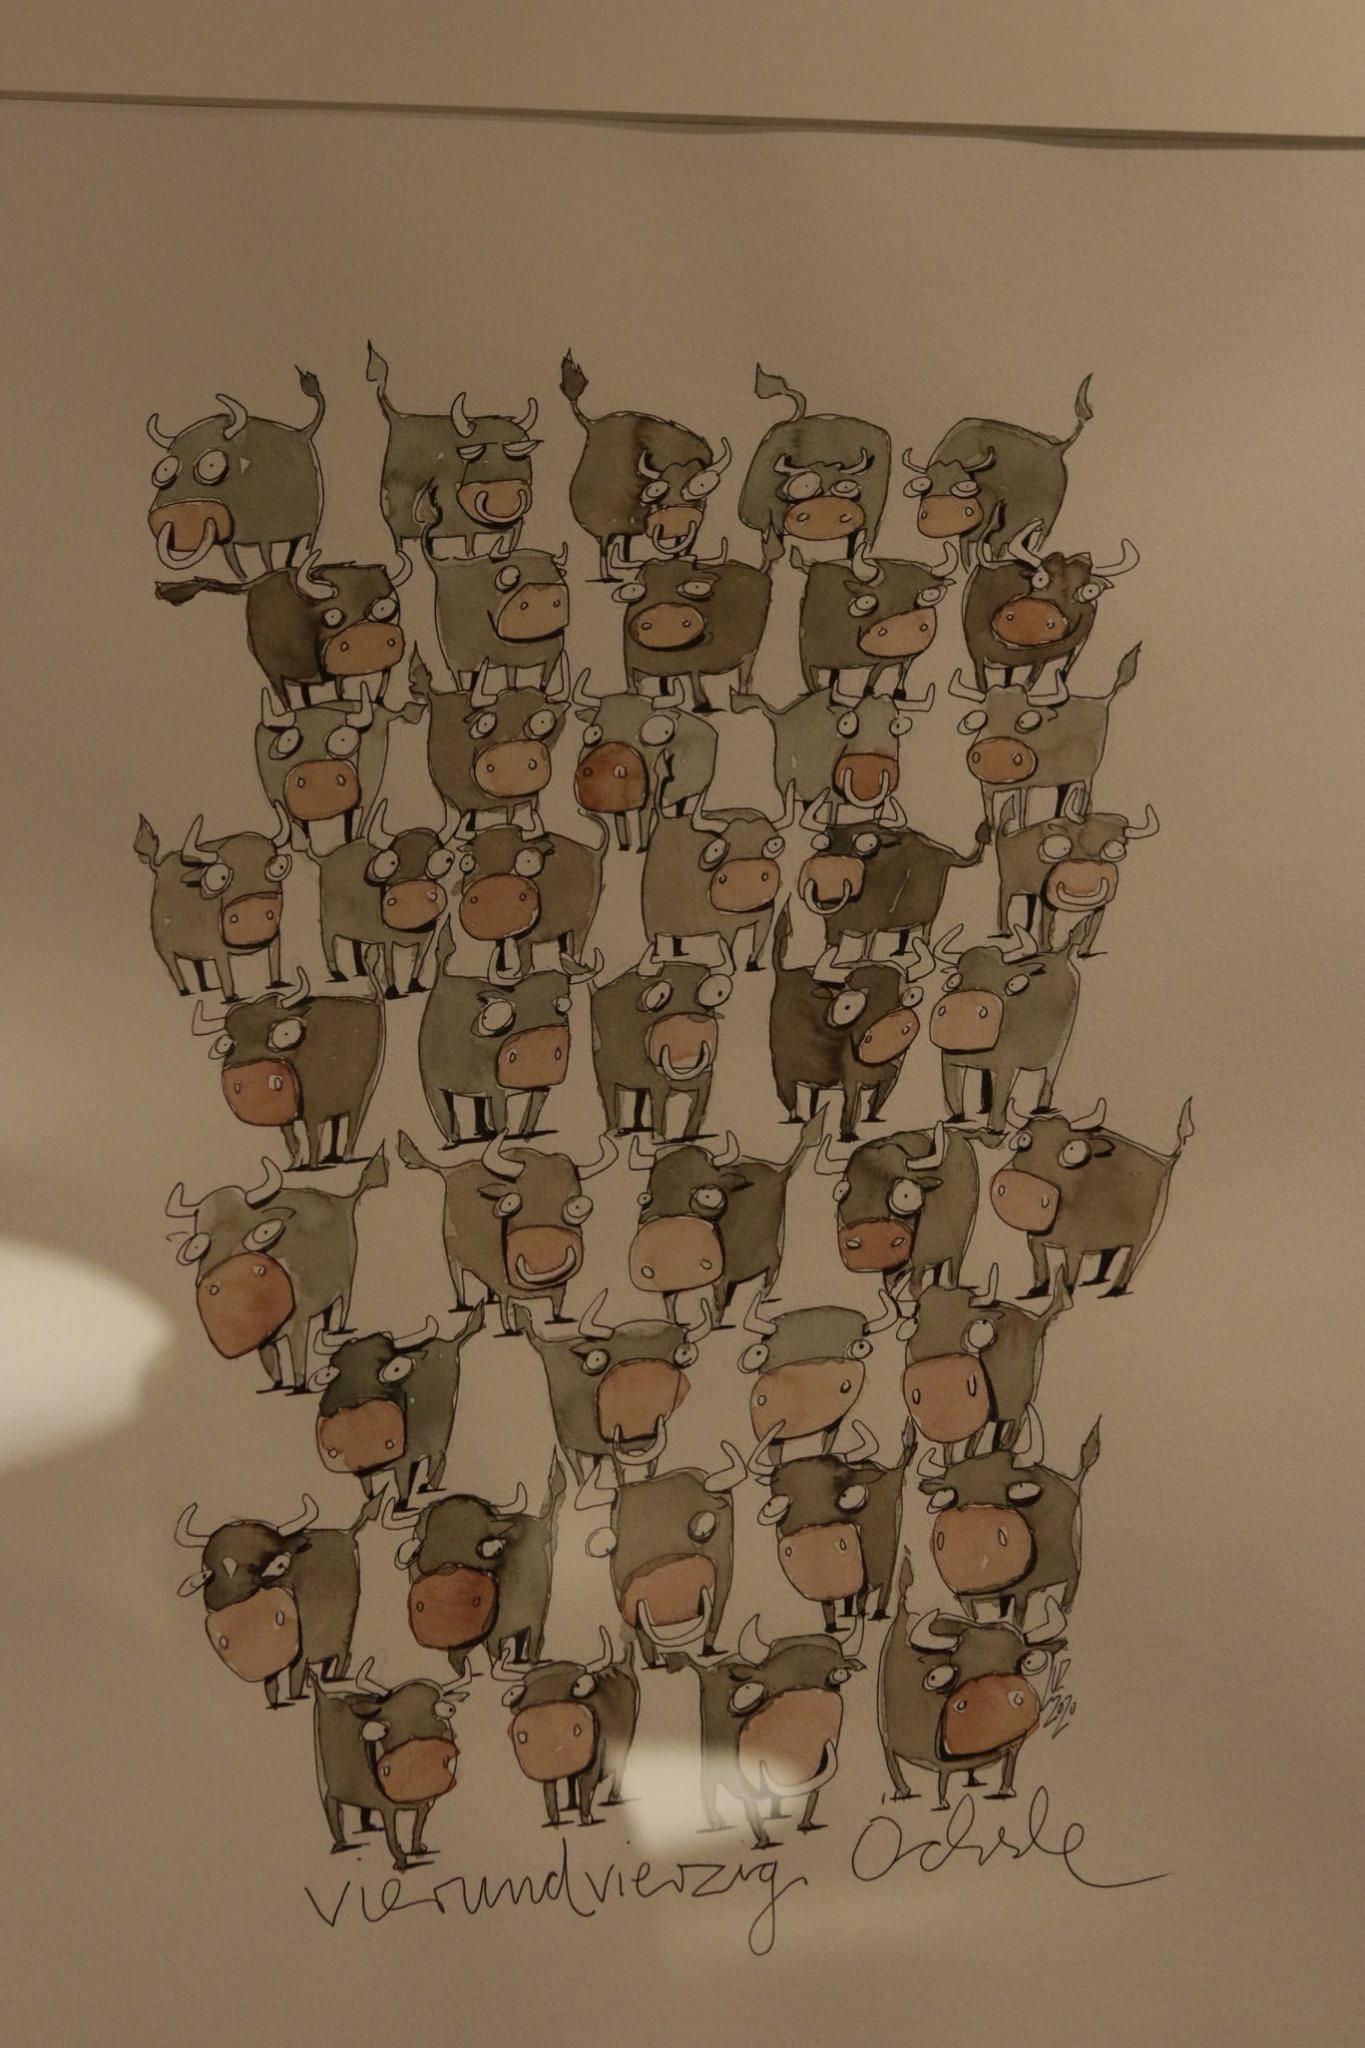 """Illustration mit dem Titel """"Vierundzwanzig Öchsle"""" von Michael Luz"""